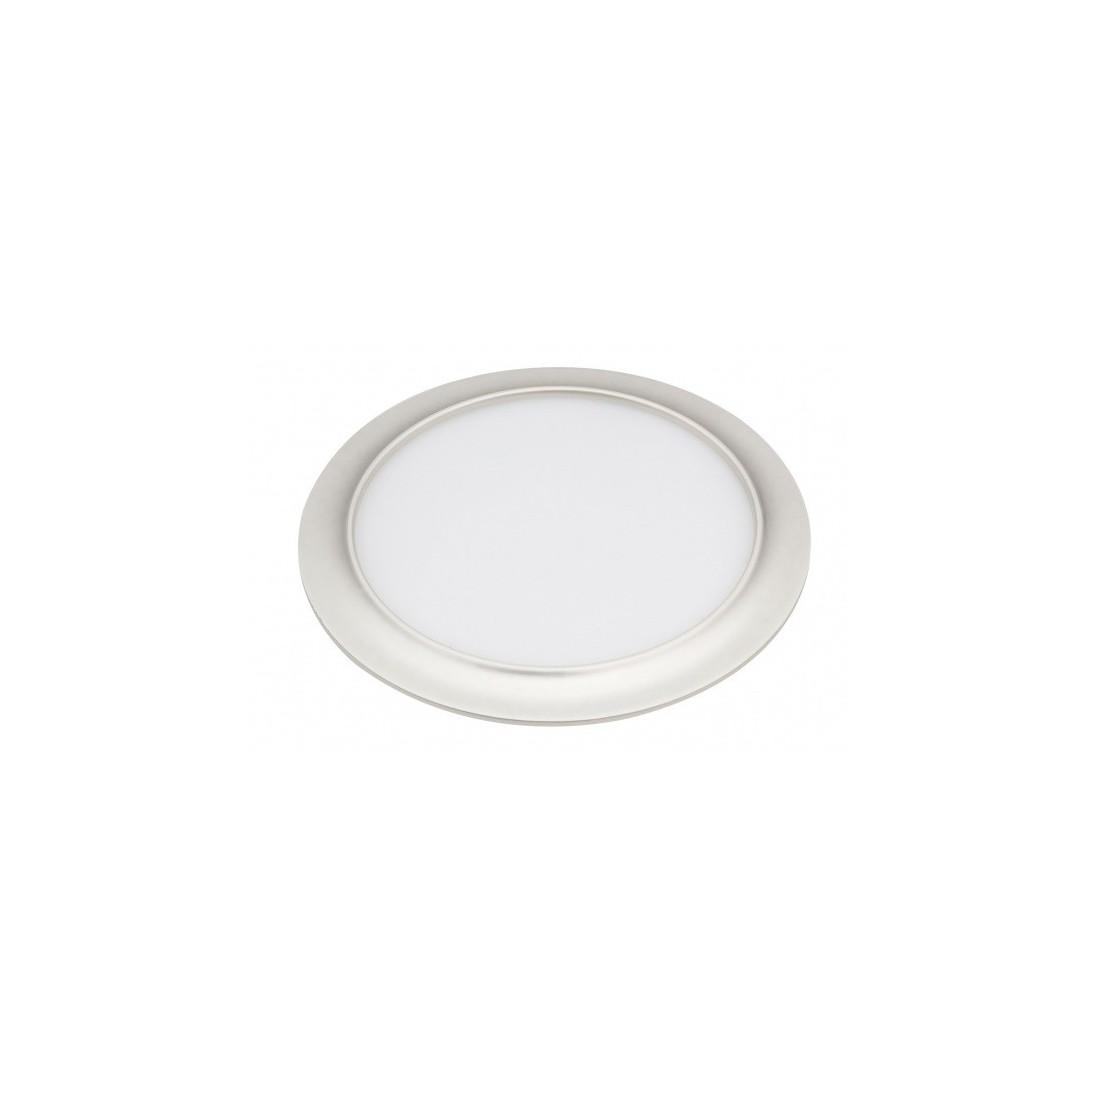 detalle Blanca de la inferiorademás decorativos lucescon diámetro Techo 2 de en de 60 de detalles Lámpara Pantalla y brillante en Redonda cm parte CthQrsd